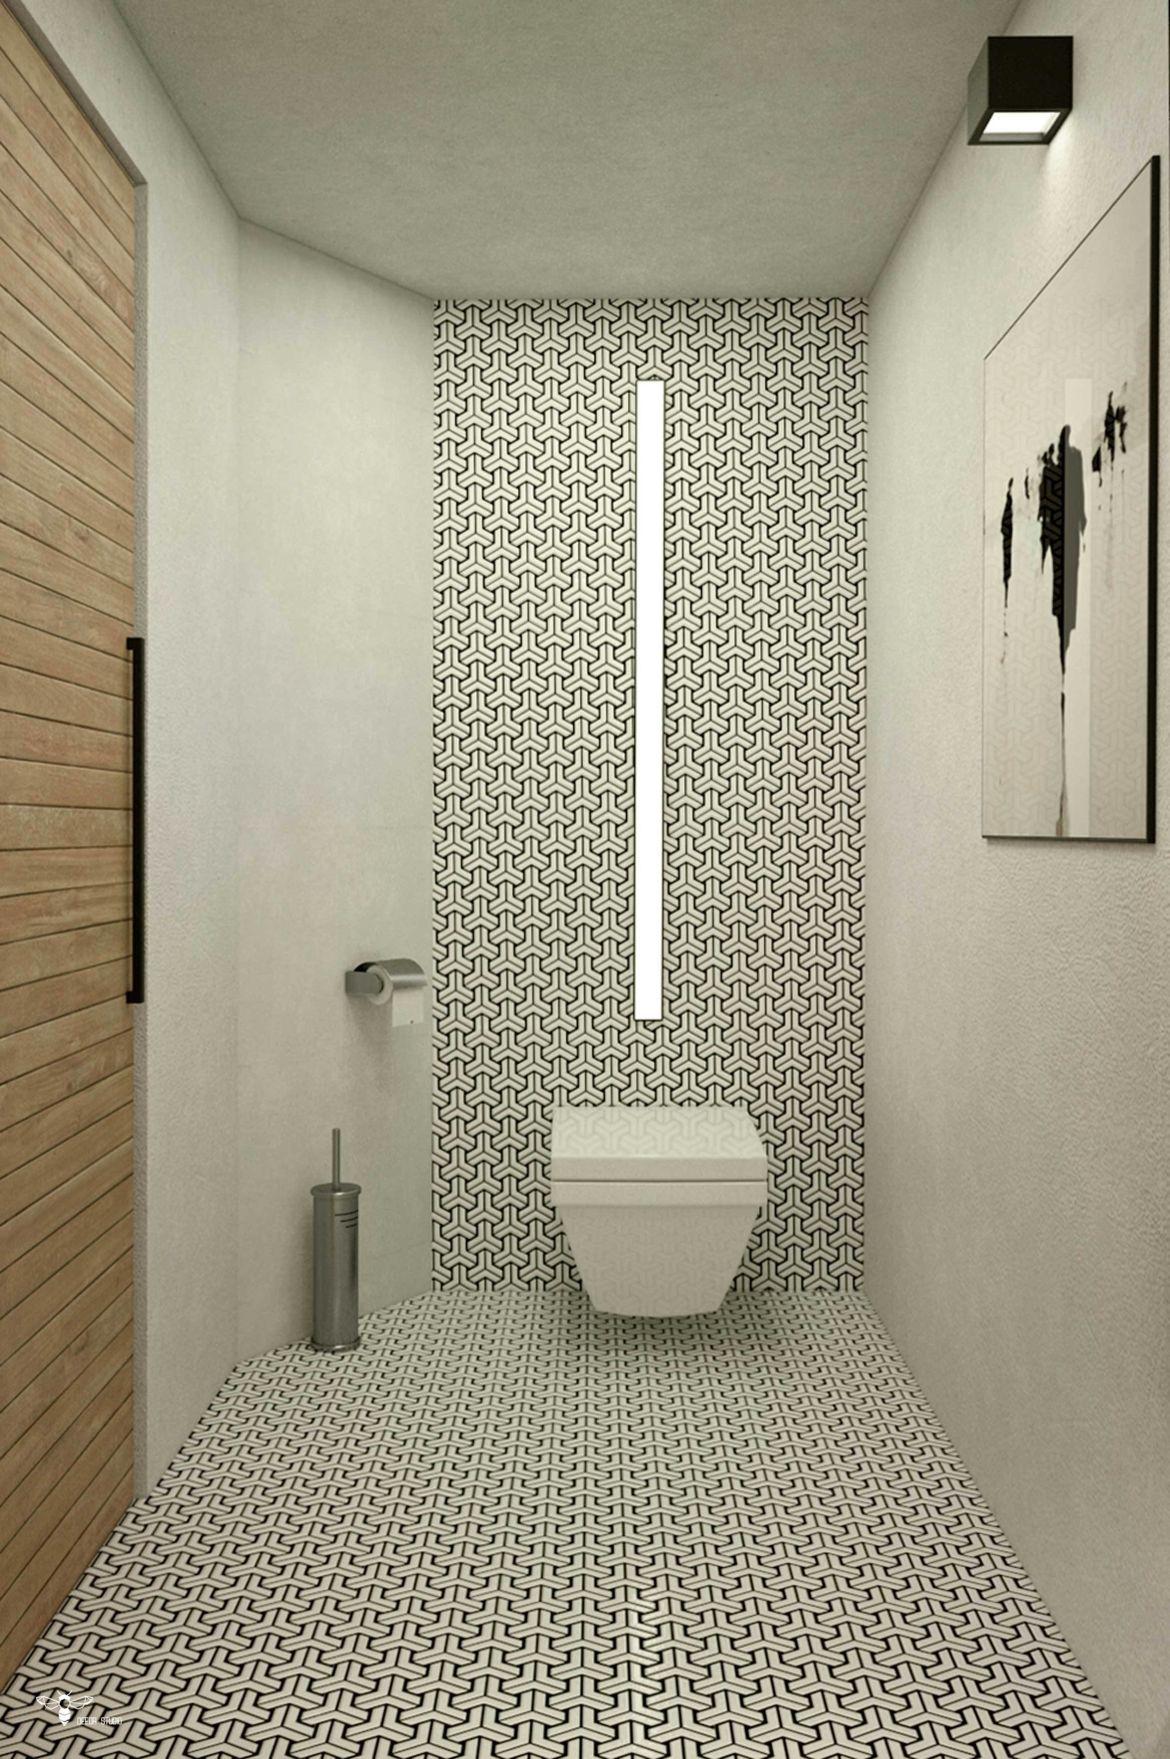 طراحی خاص و مدرن سرویس بهداشتی استفاده از نور خطی طراحی شده توسط استودیو معماری دیدآ